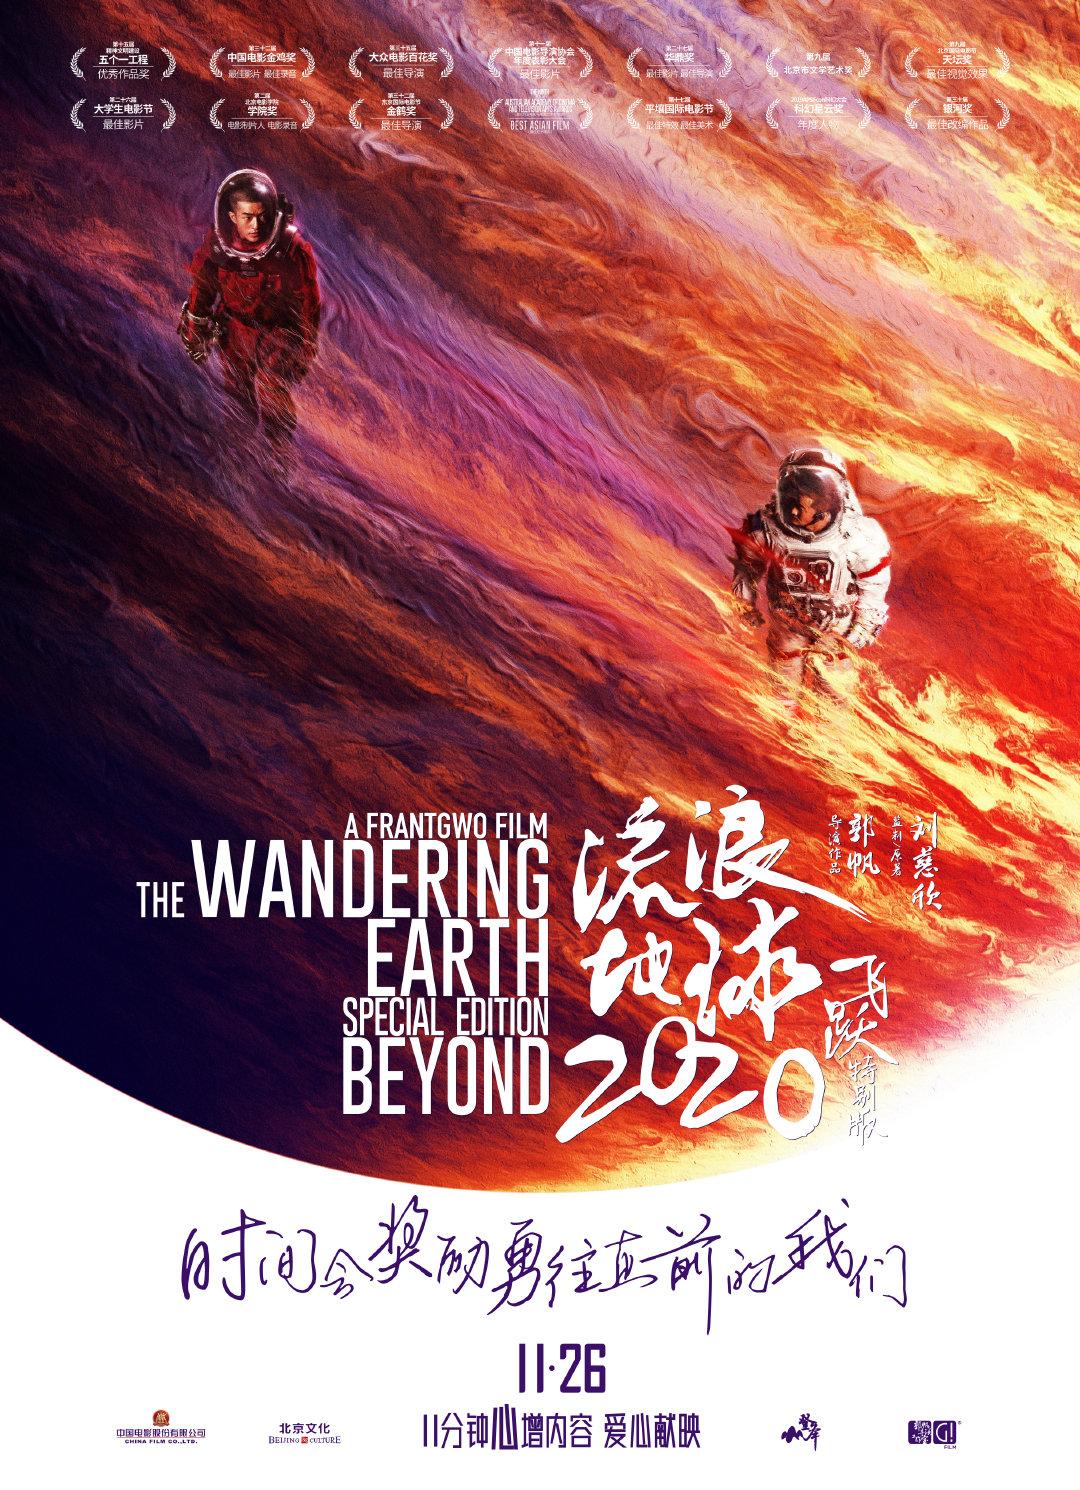 《流浪地球:飞跃2020特别版》今日上映 正式预告